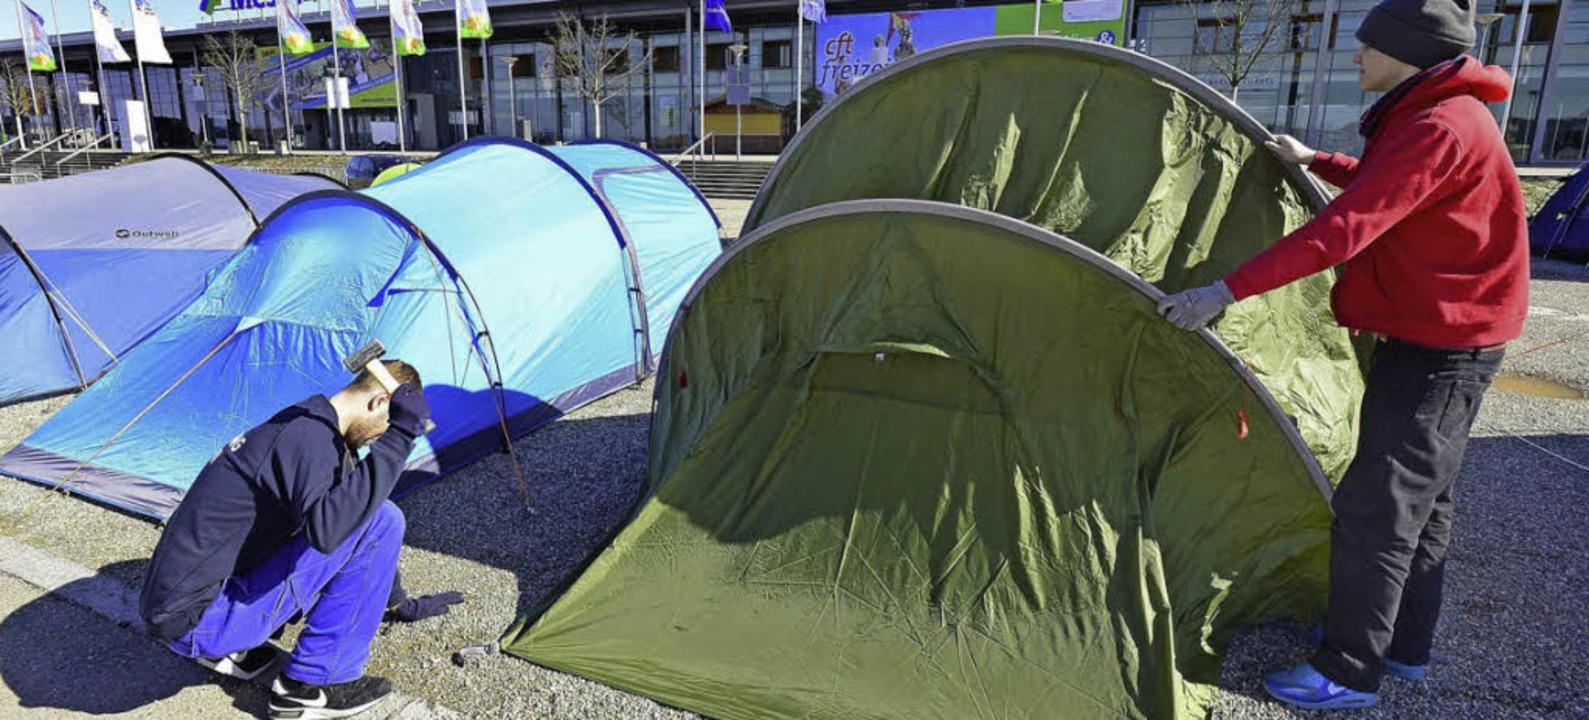 Aufbau für die Camping und Outdoor-Messe.  | Foto: Ingo Schneider